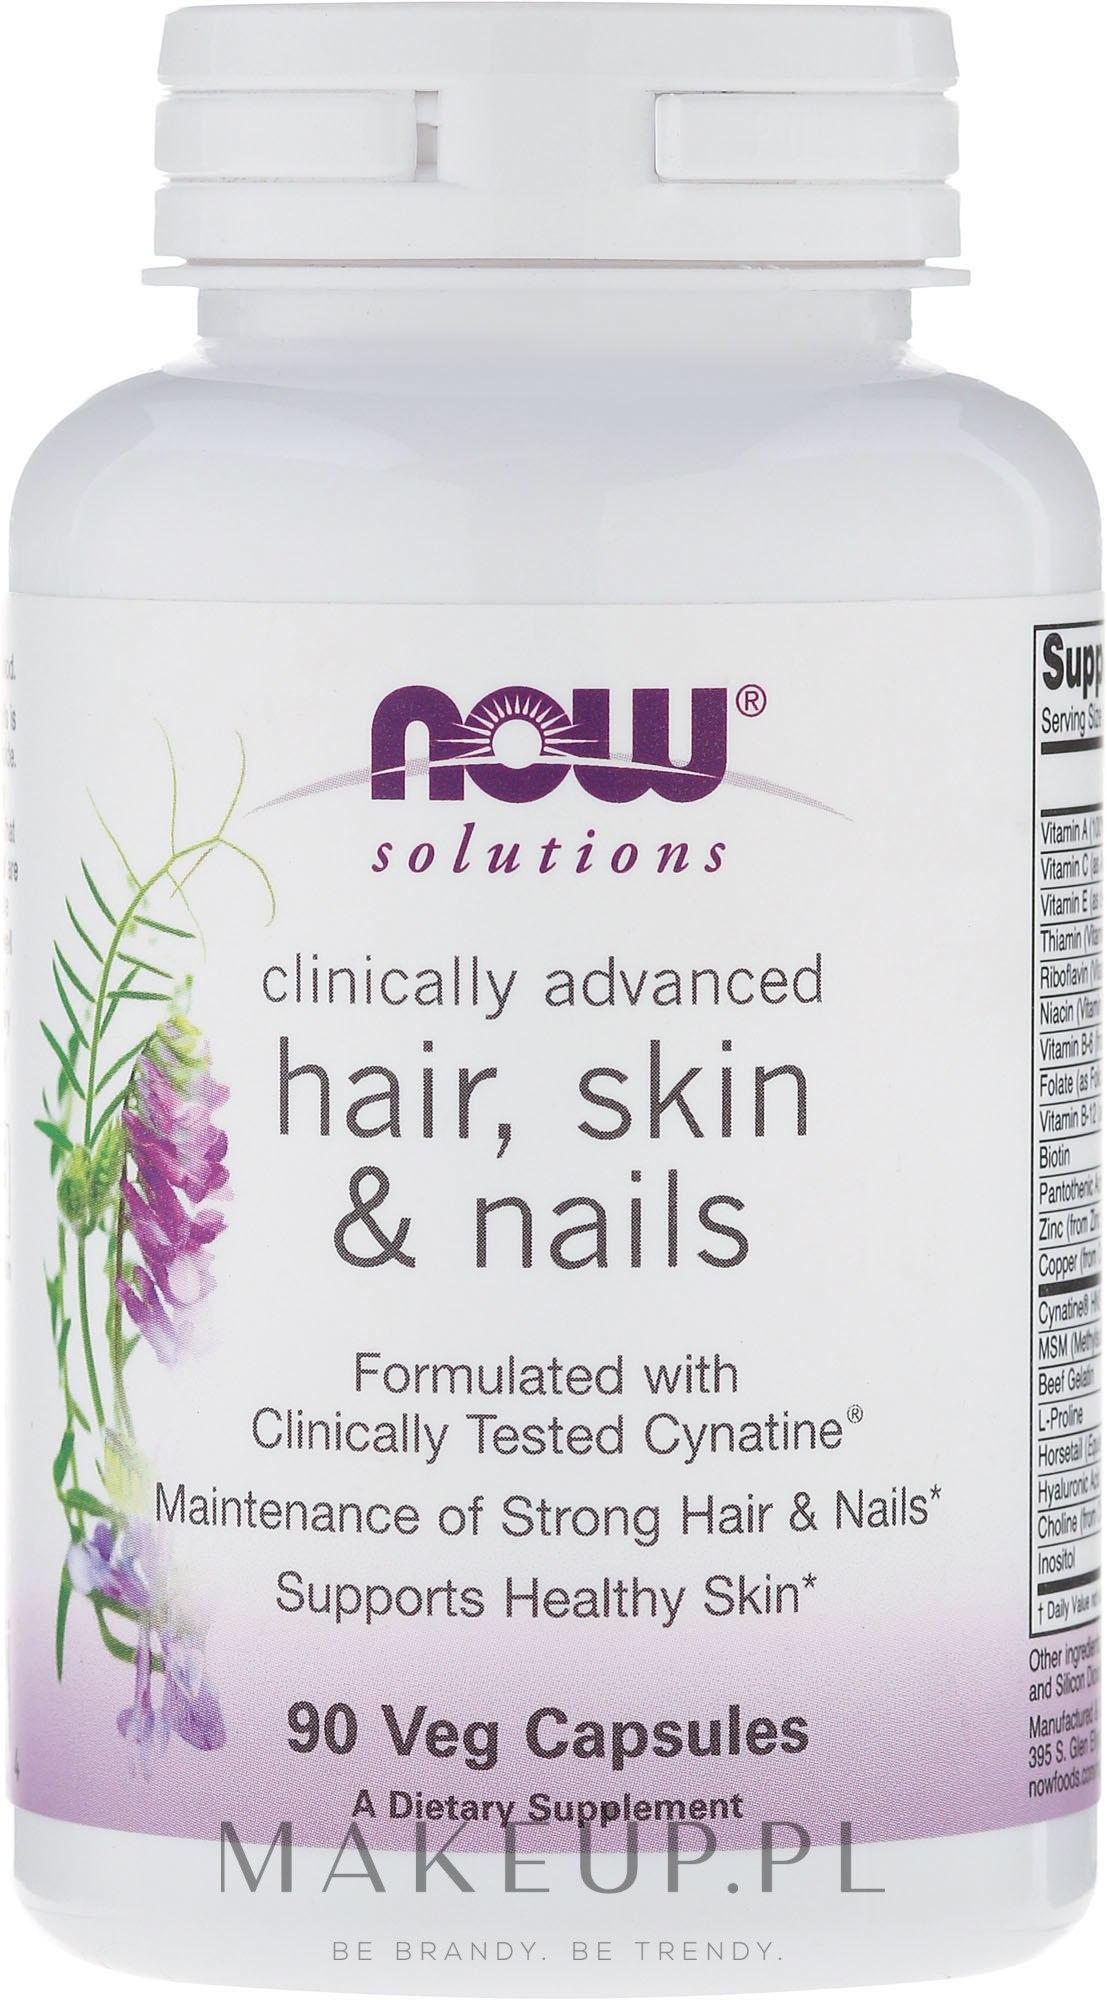 Wegańskie kapsułki na zdrowe włosy, skórę i paznokcie - Now Foods Solutions Hair, Skin & Nails — фото 90 szt.